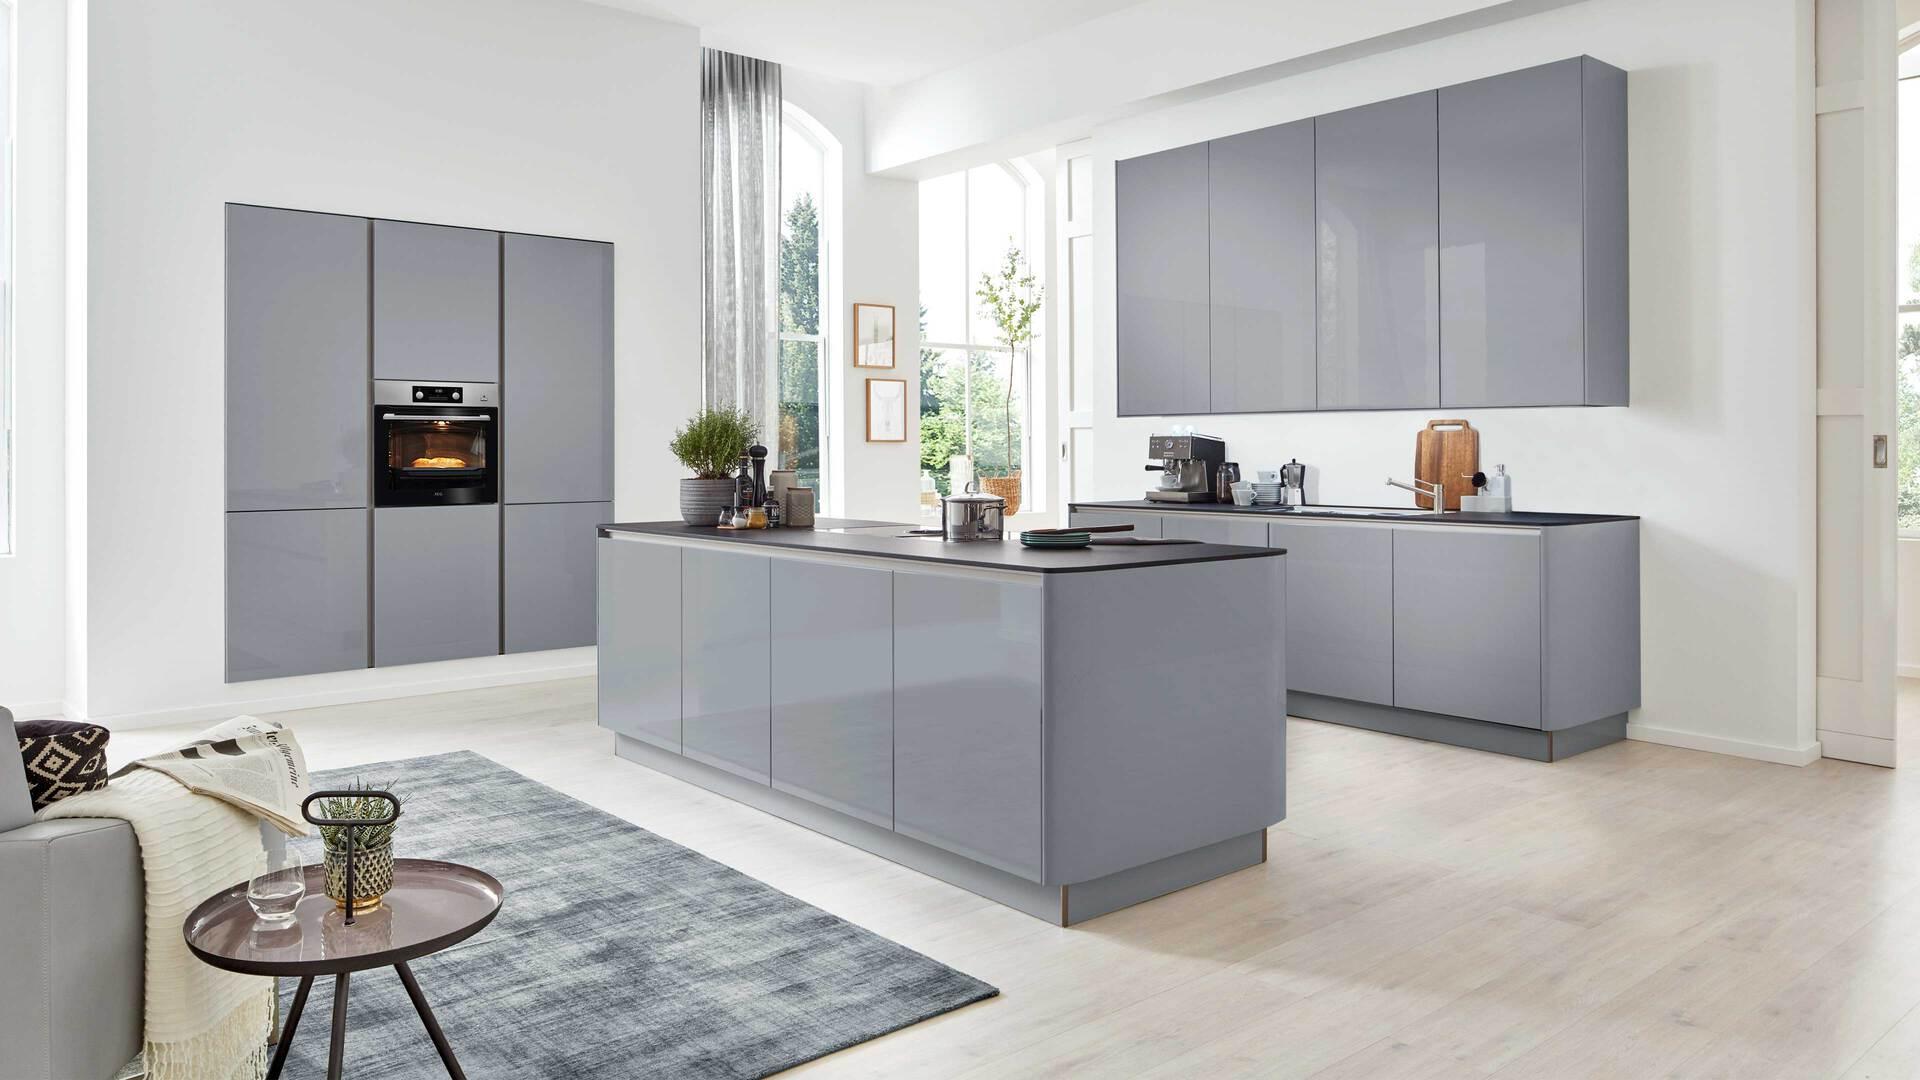 Interliving Küche Serie 3001 mit AEG Einbaugeräten